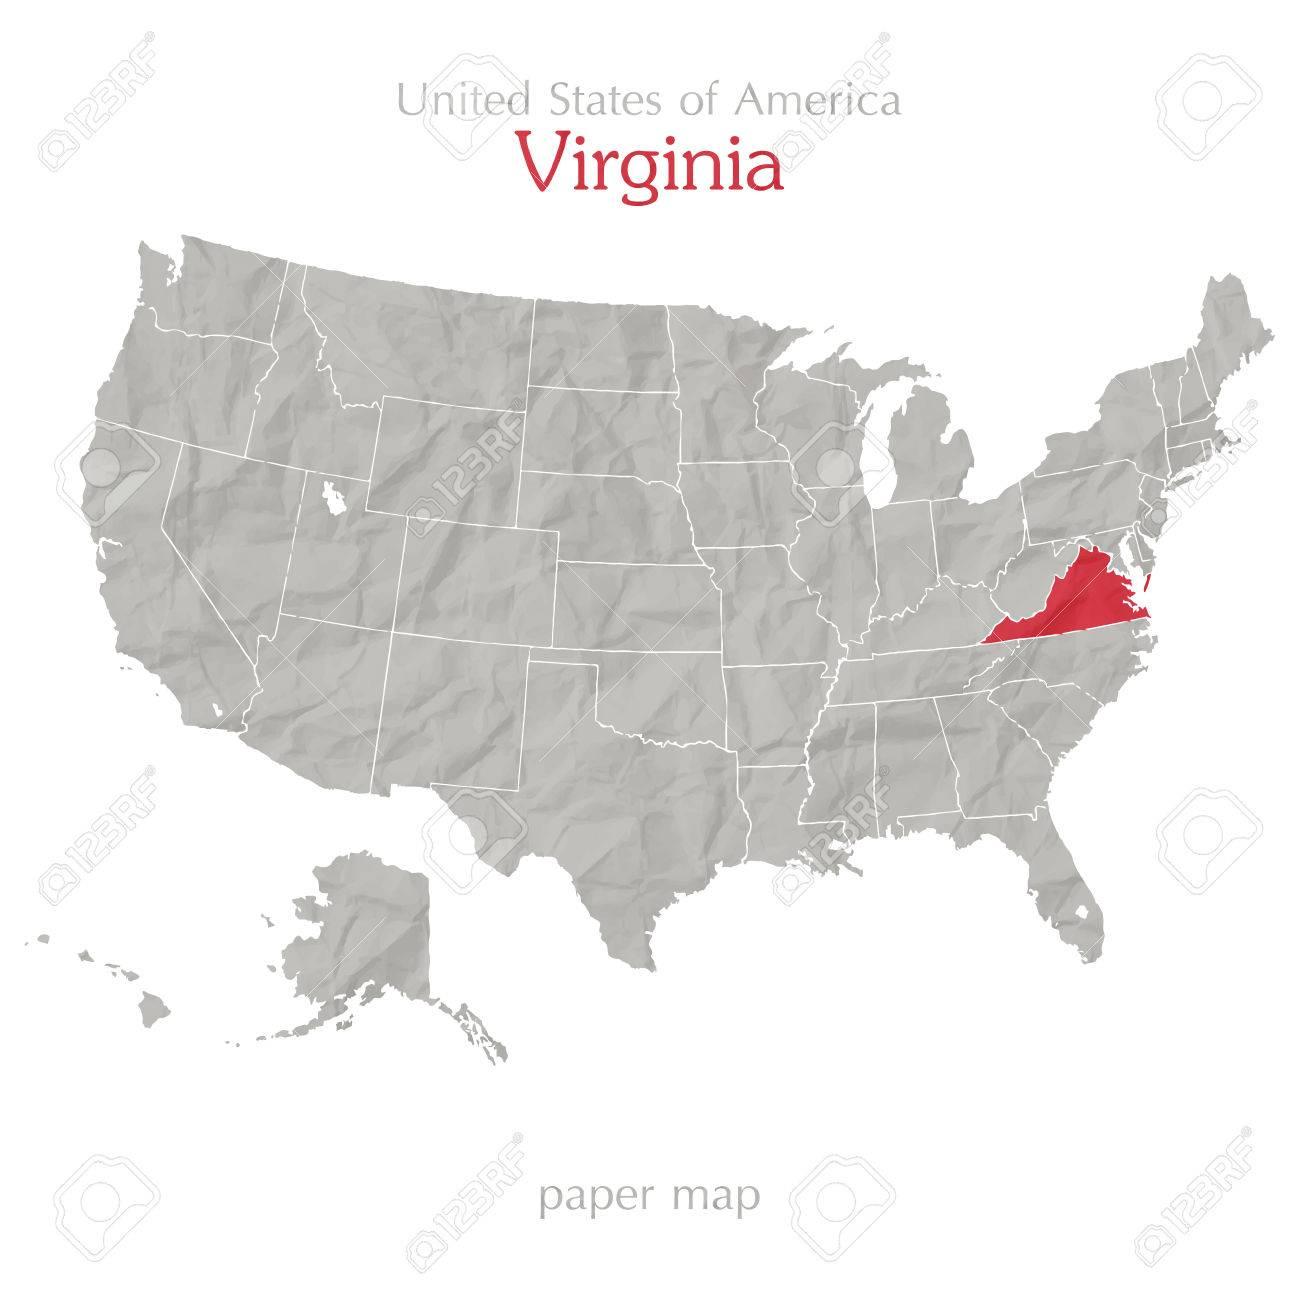 アメリカ合衆国の地図と粗末な紙...